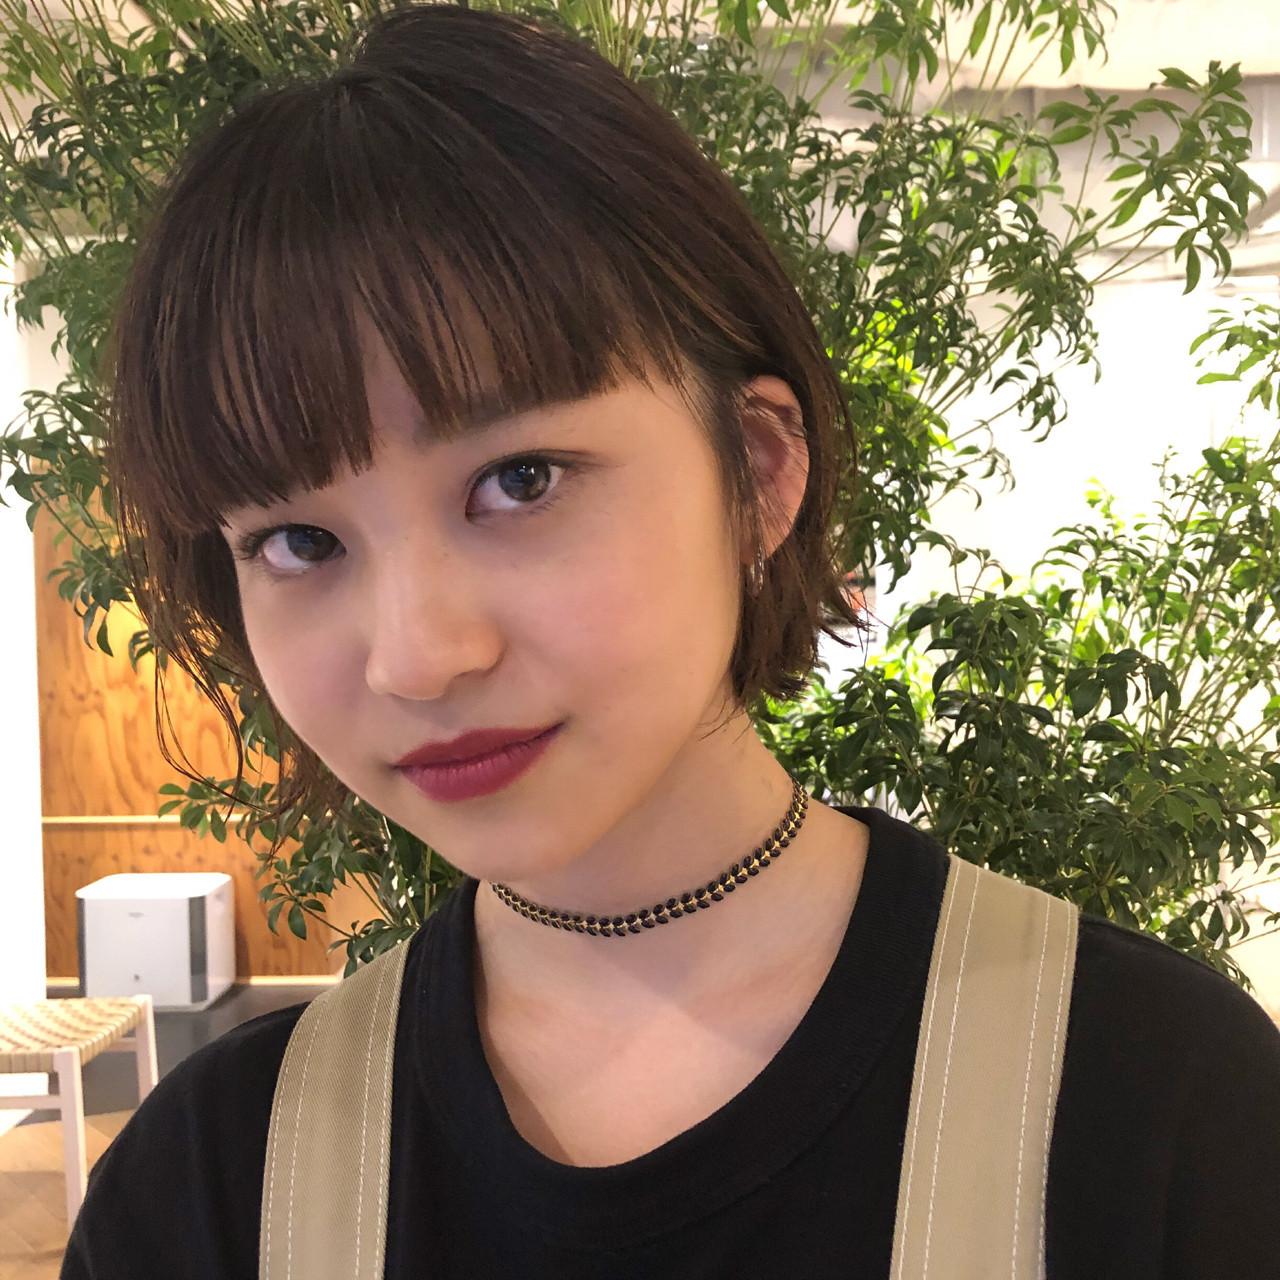 明るい表情に!ワイドバング×前髪ぱっつんヘア taichiro